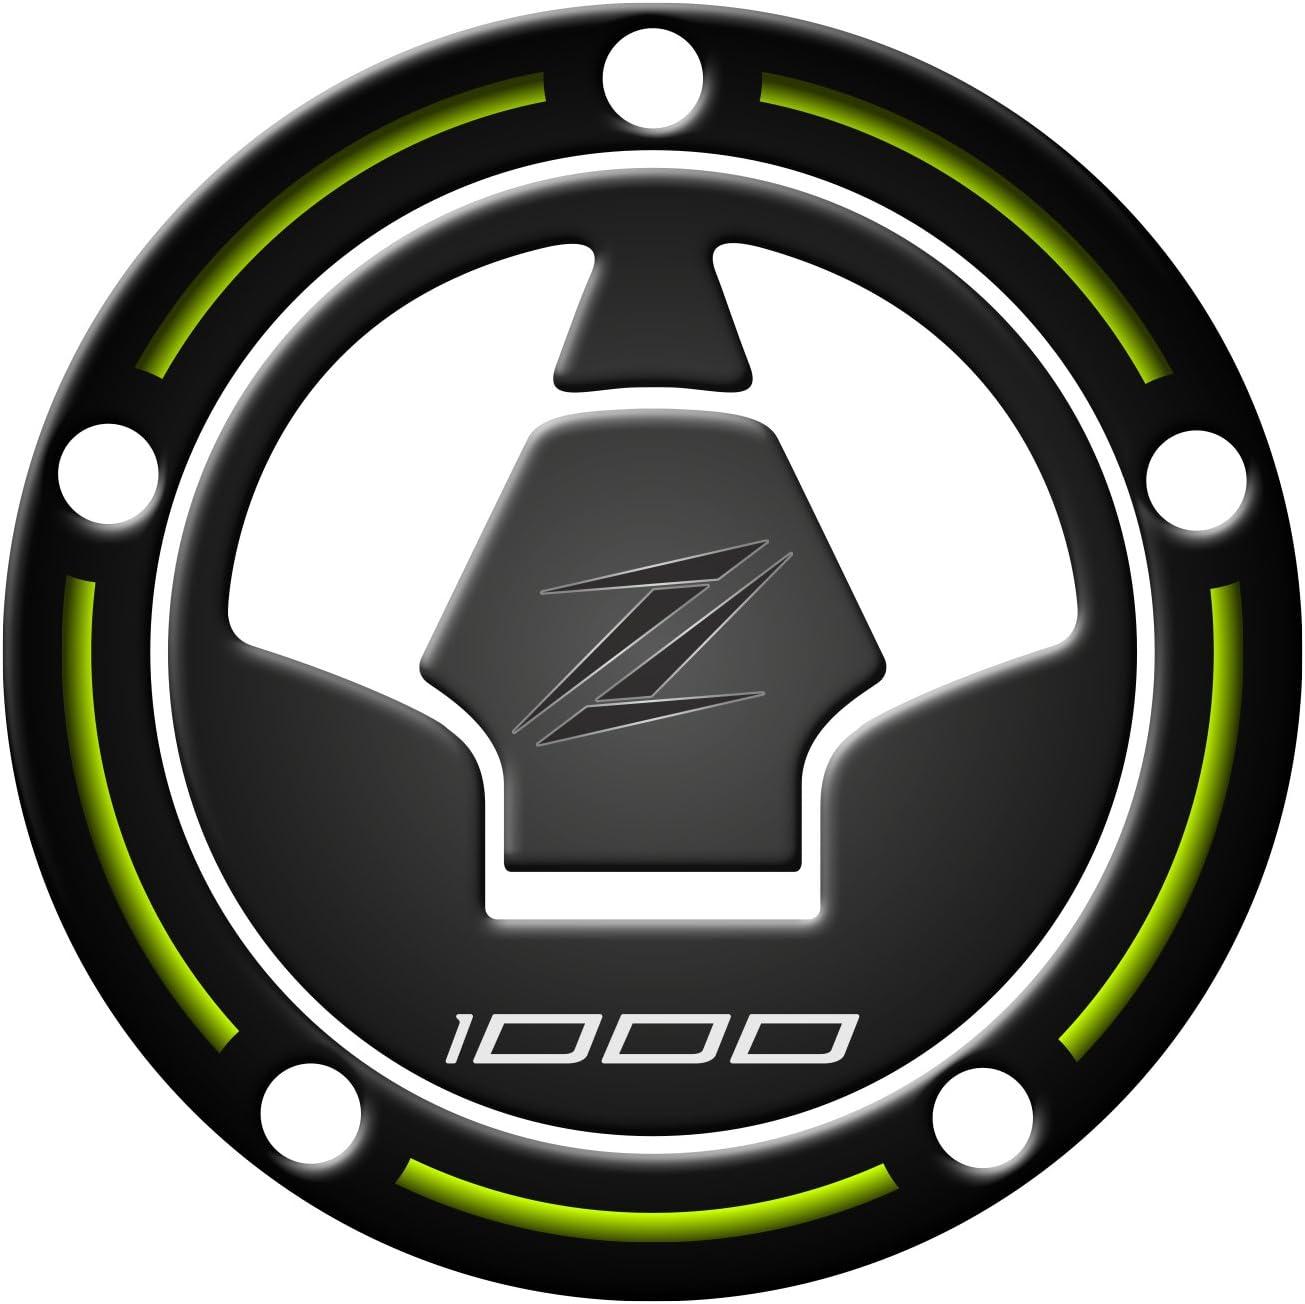 Adhesivo de protecci/ón para el tap/ón de combustible de resina en 3D para moto Kawasaki Z1000/de 2010-2017/GP-396 Para evitar ara/ñazos de cremalleras Lima